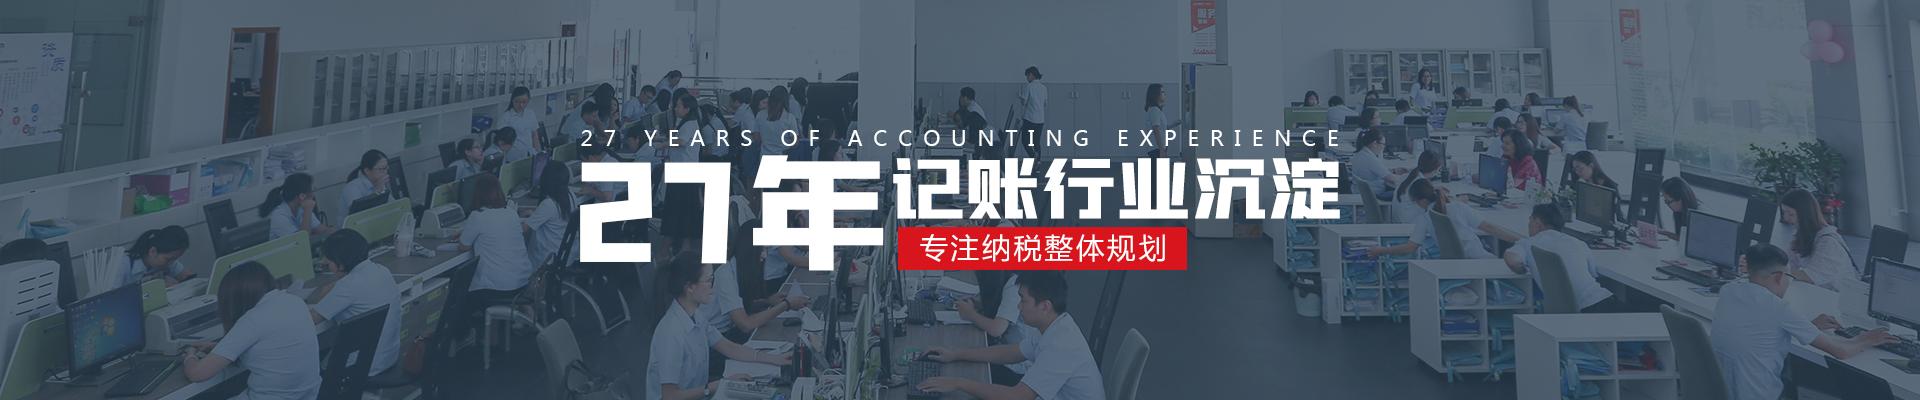 南大财税-26年记账行业沉淀 专注纳税整体规划,专注纳税整体规划